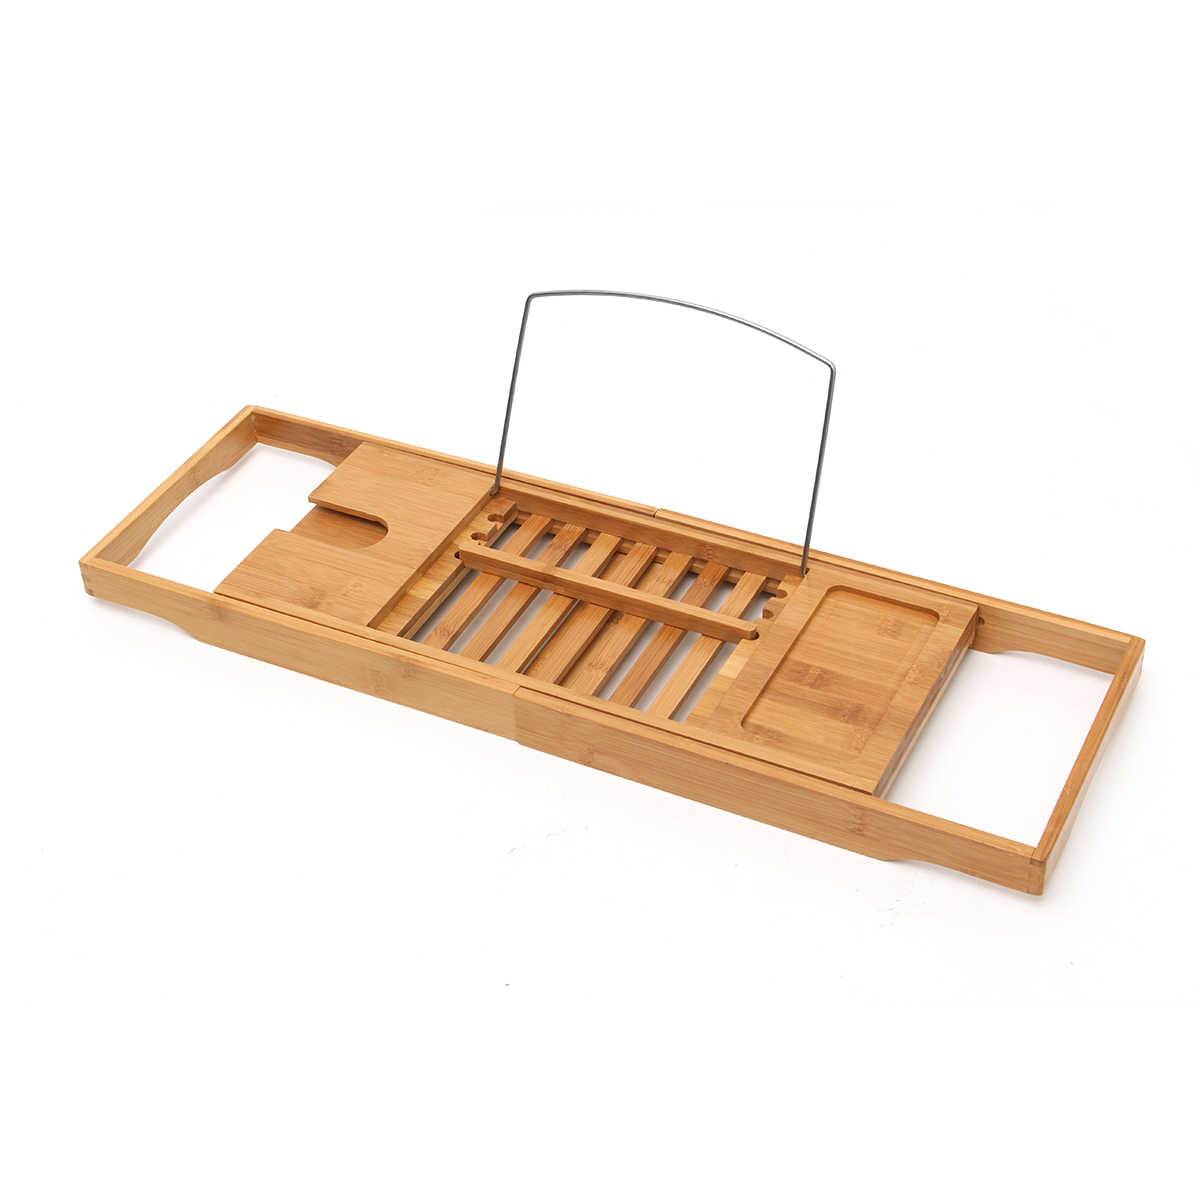 Kamar Mandi Mewah Bambu Mandi Bathtub Rak Jembatan Bathtub Caddy Tray Rak Anggur Kaca Pemegang Buku Bak Mandi Rak